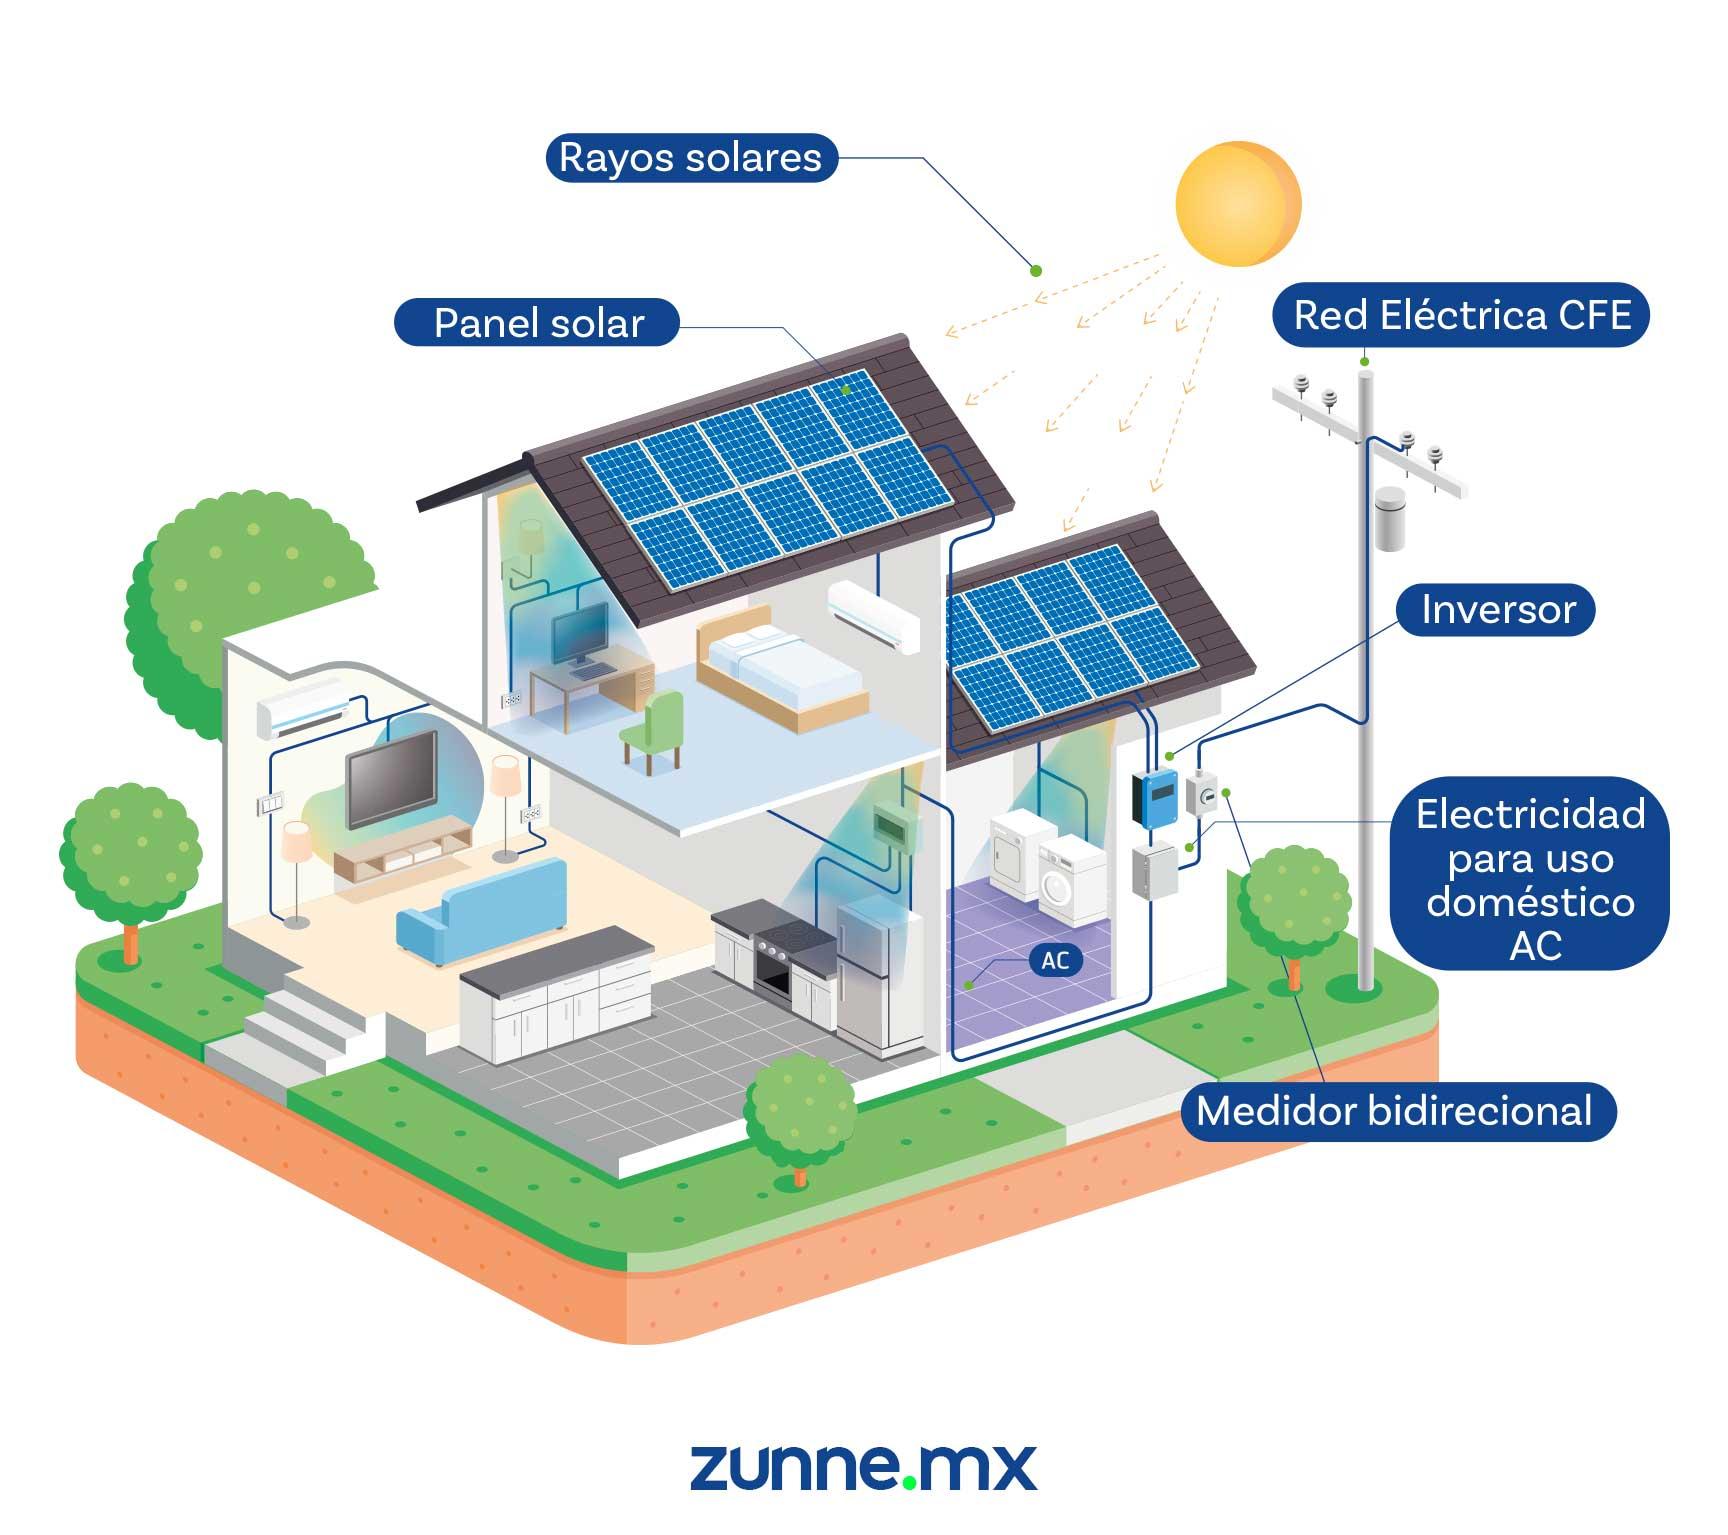 Diagrama de paneles solares instalados en casa